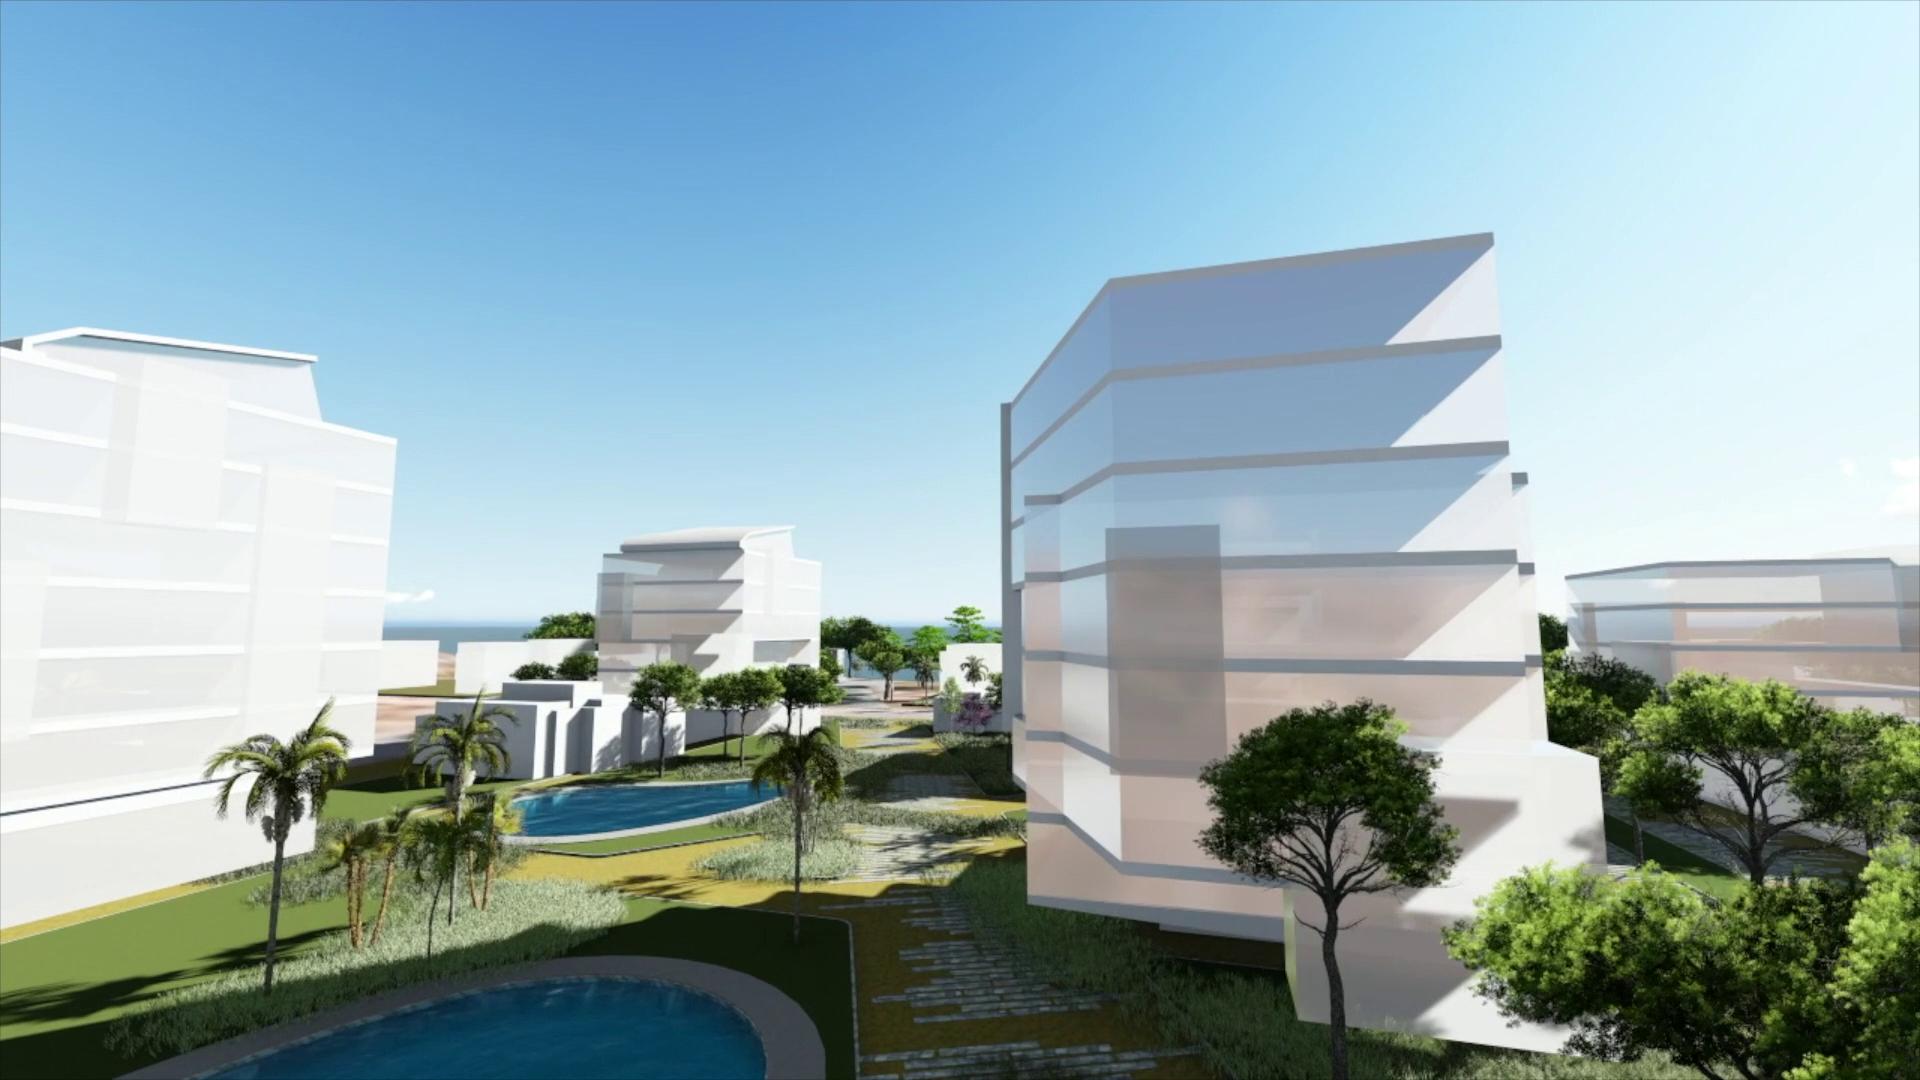 Nowe osiedle apartamentów przy plaży